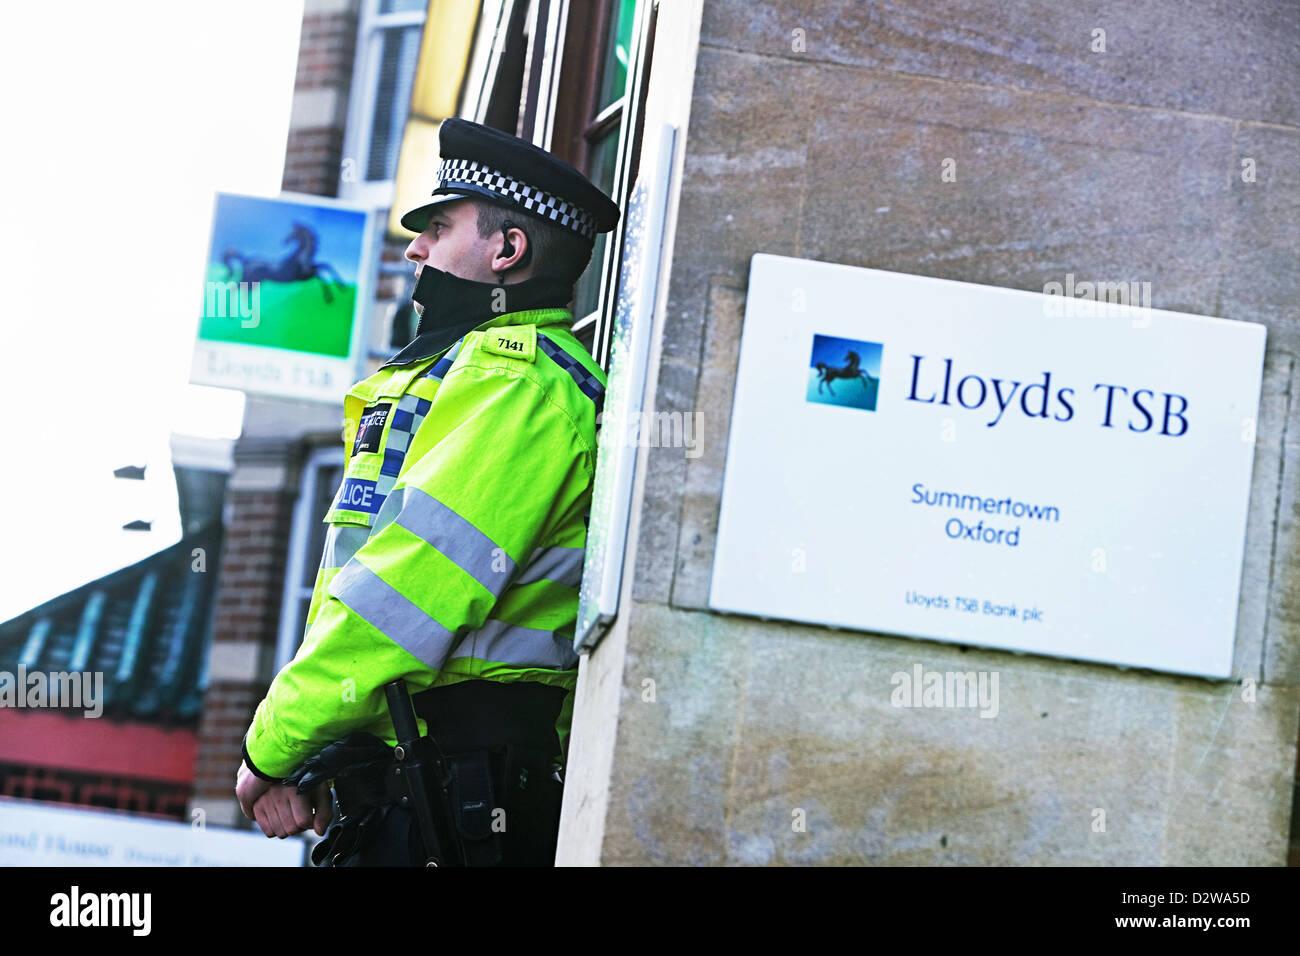 Bewaffnete Raubüberfälle auf Lloyds TSB Niederlassung in Summertown, Oxford Polizeipräsenz. 19.1.12 Stockbild